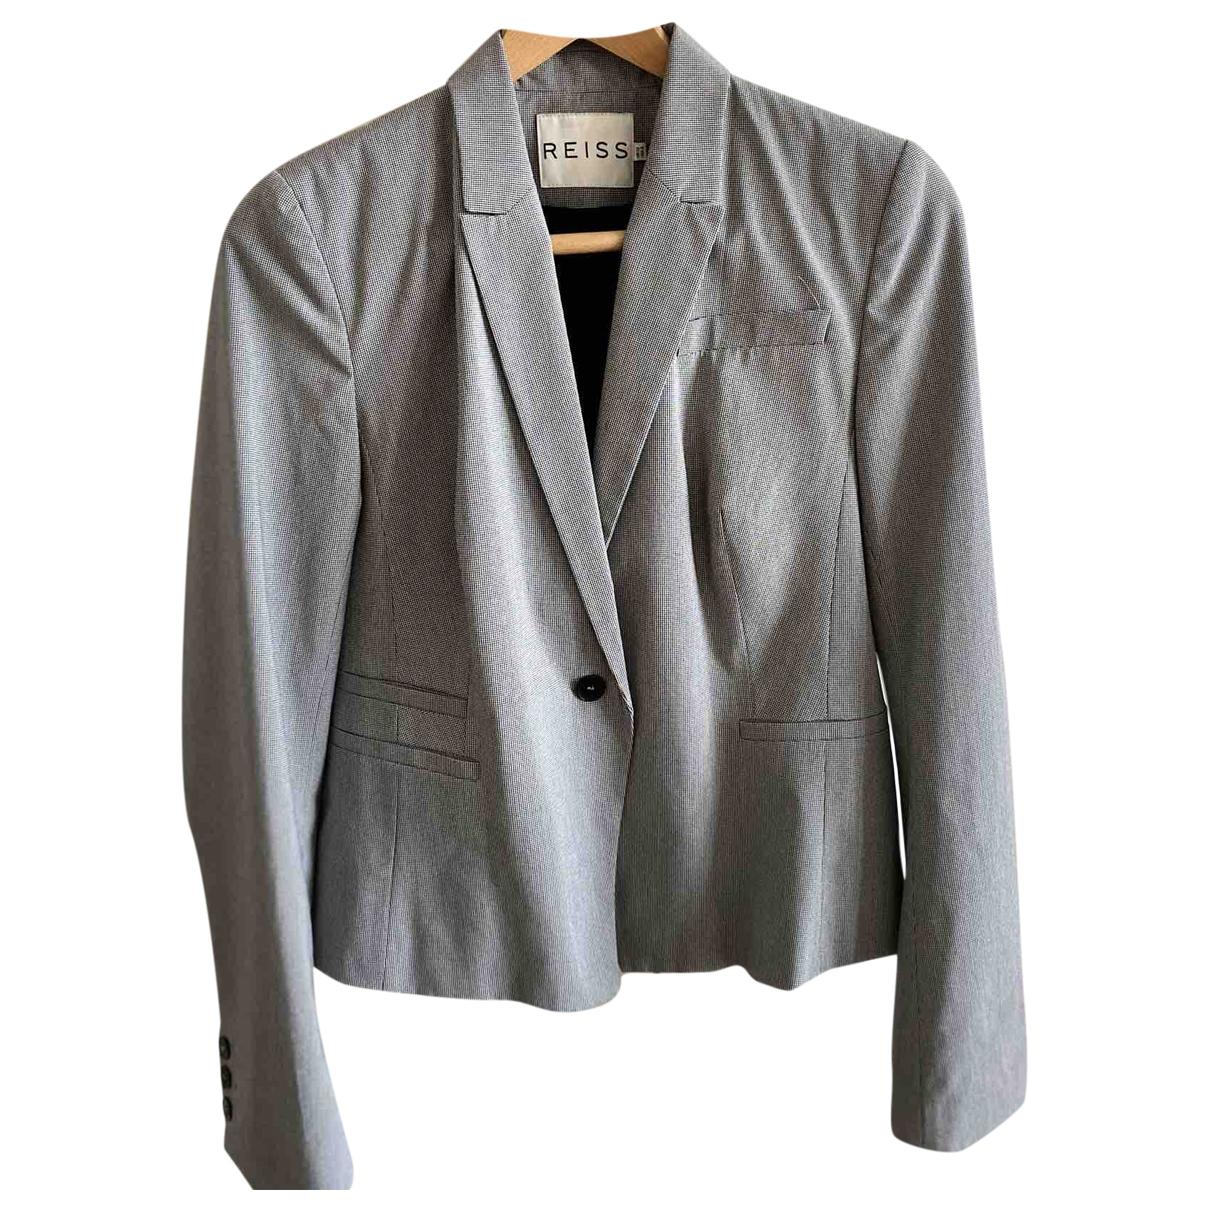 Reiss \N Grey jacket for Women 12 UK